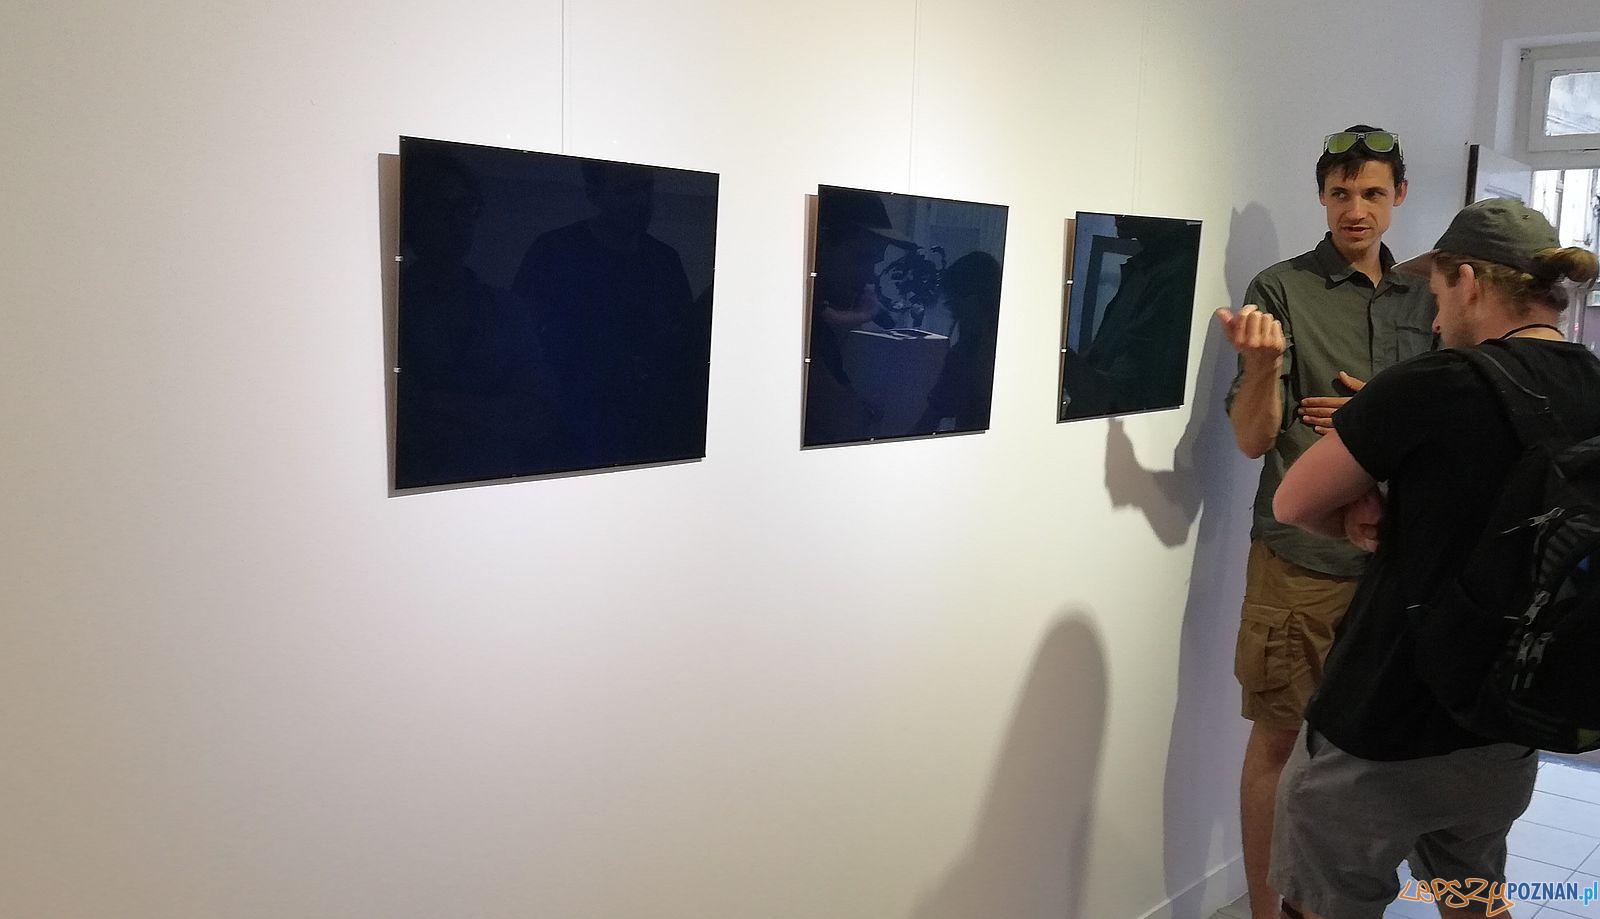 Wystawa Galeria JAK - rzeźby i hologramy  Foto: Tomasz Dworek